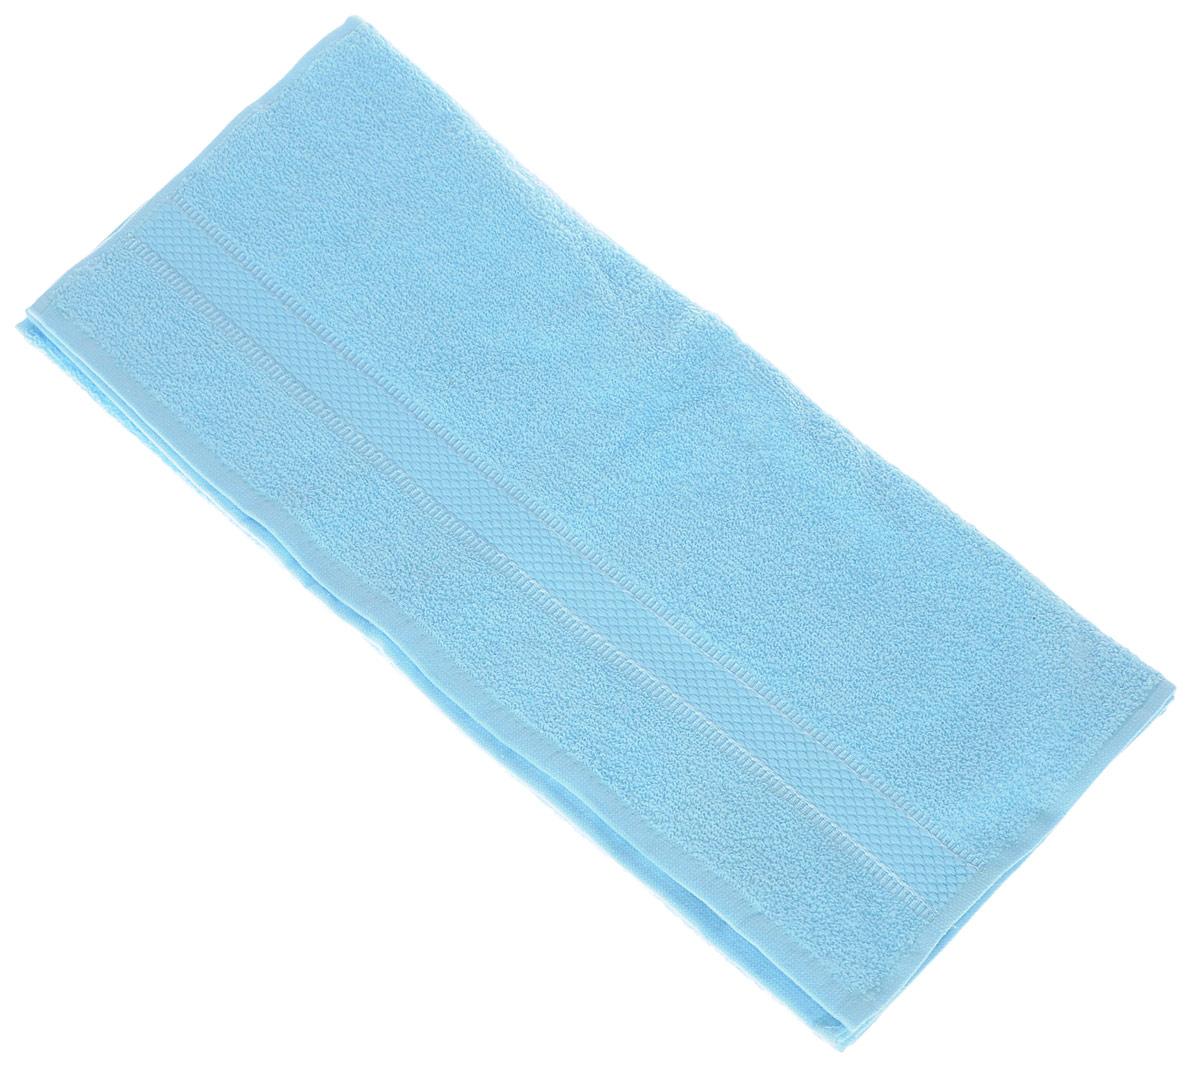 Полотенце Brielle Basic, цвет: бирюзовый, 50 х 85 см1209Полотенце Brielle Basic выполнено из 100% хлопка. Изделие очень мягкое, оно отлично впитывает влагу, быстро сохнет, сохраняет яркость цвета и не теряет формы даже после многократных стирок. Лаконичные бордюры подойдут для любого интерьера ванной комнаты. Полотенце прекрасно впитывает влагу и быстро сохнет. При соблюдении рекомендаций по уходу не линяет и не теряет форму даже после многократных стирок.Полотенце Brielle Basic очень практично и неприхотливо в уходе.Такое полотенце послужит приятным подарком.